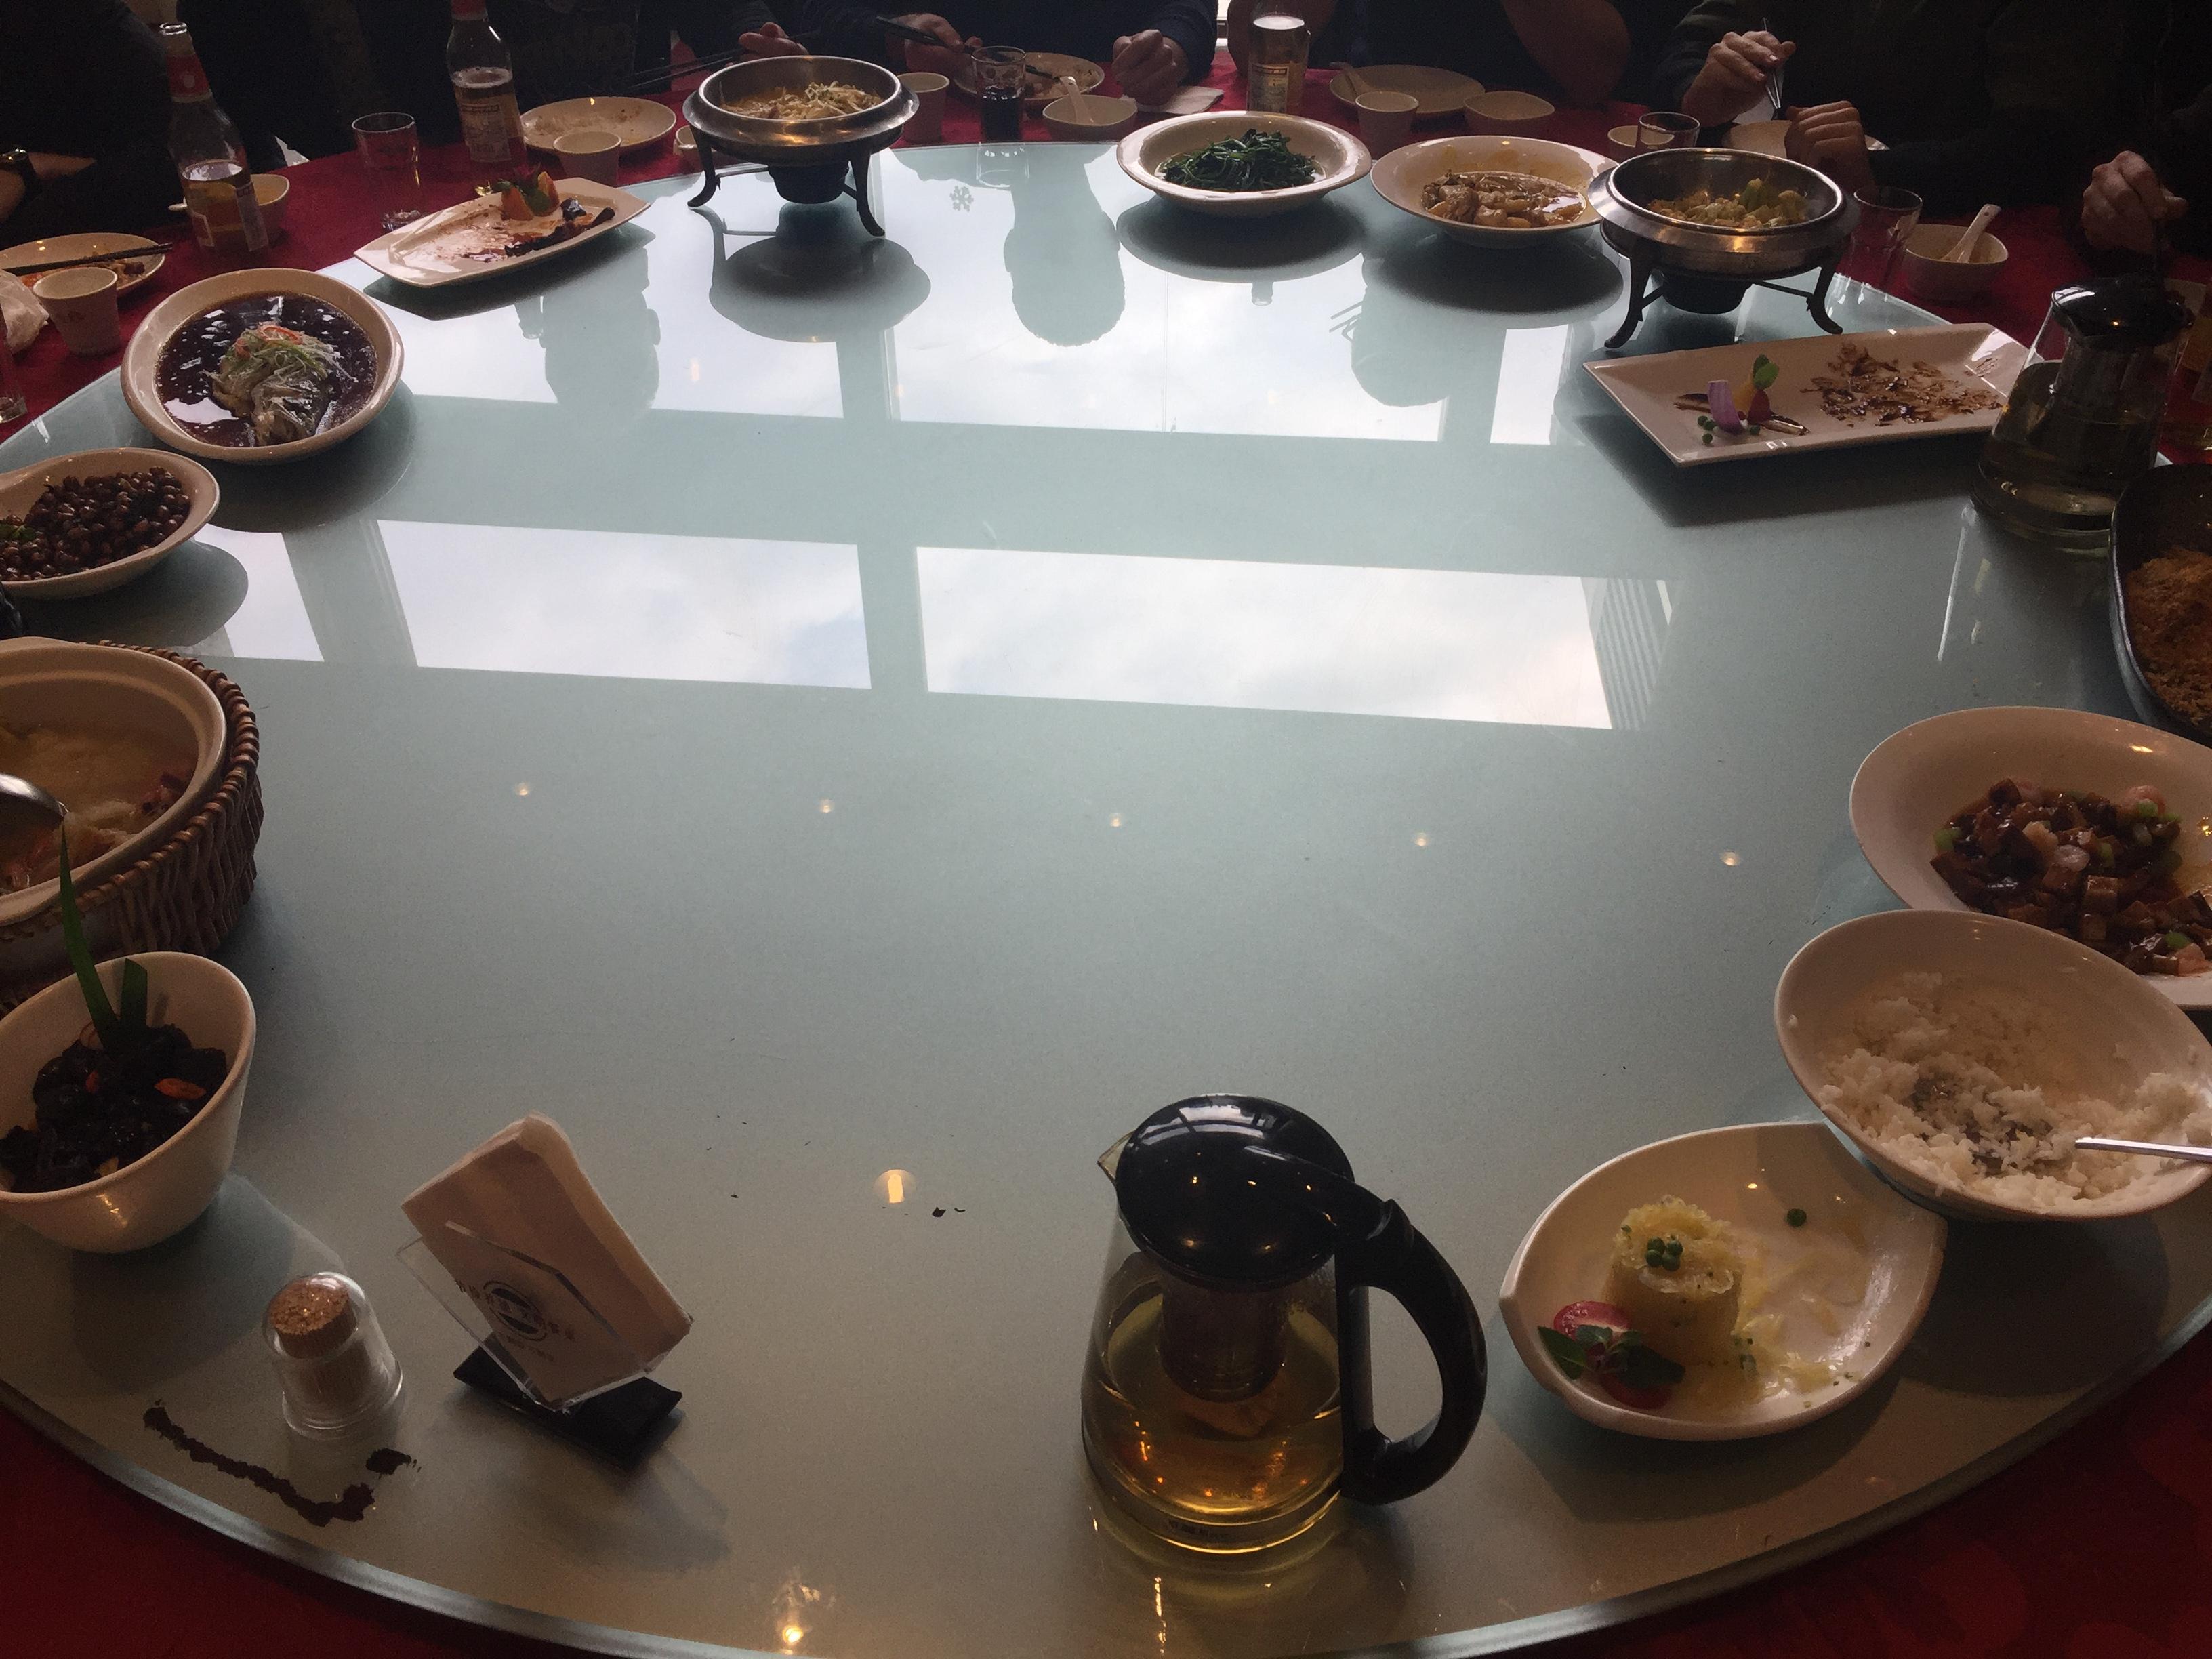 Een foto van een typische draaitafel met eten dat men bij een chinees restaurant in Shanghai kan verwachten